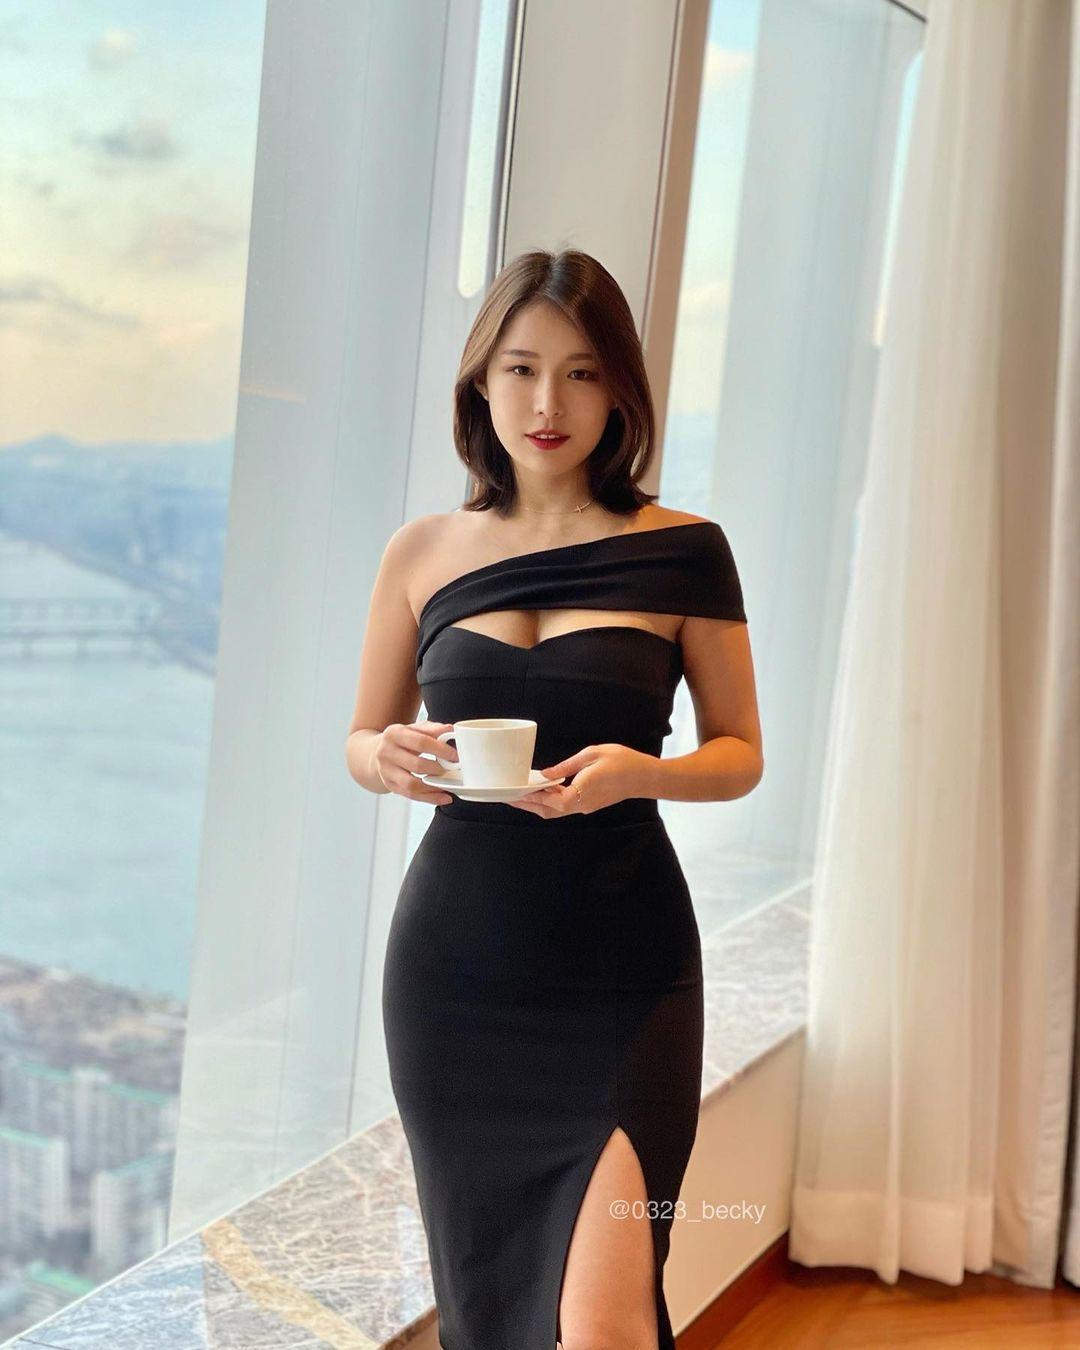 韩国高尔夫正妹Becky 狂吸 33 万粉丝好身材更让人心动 养眼图片 第13张